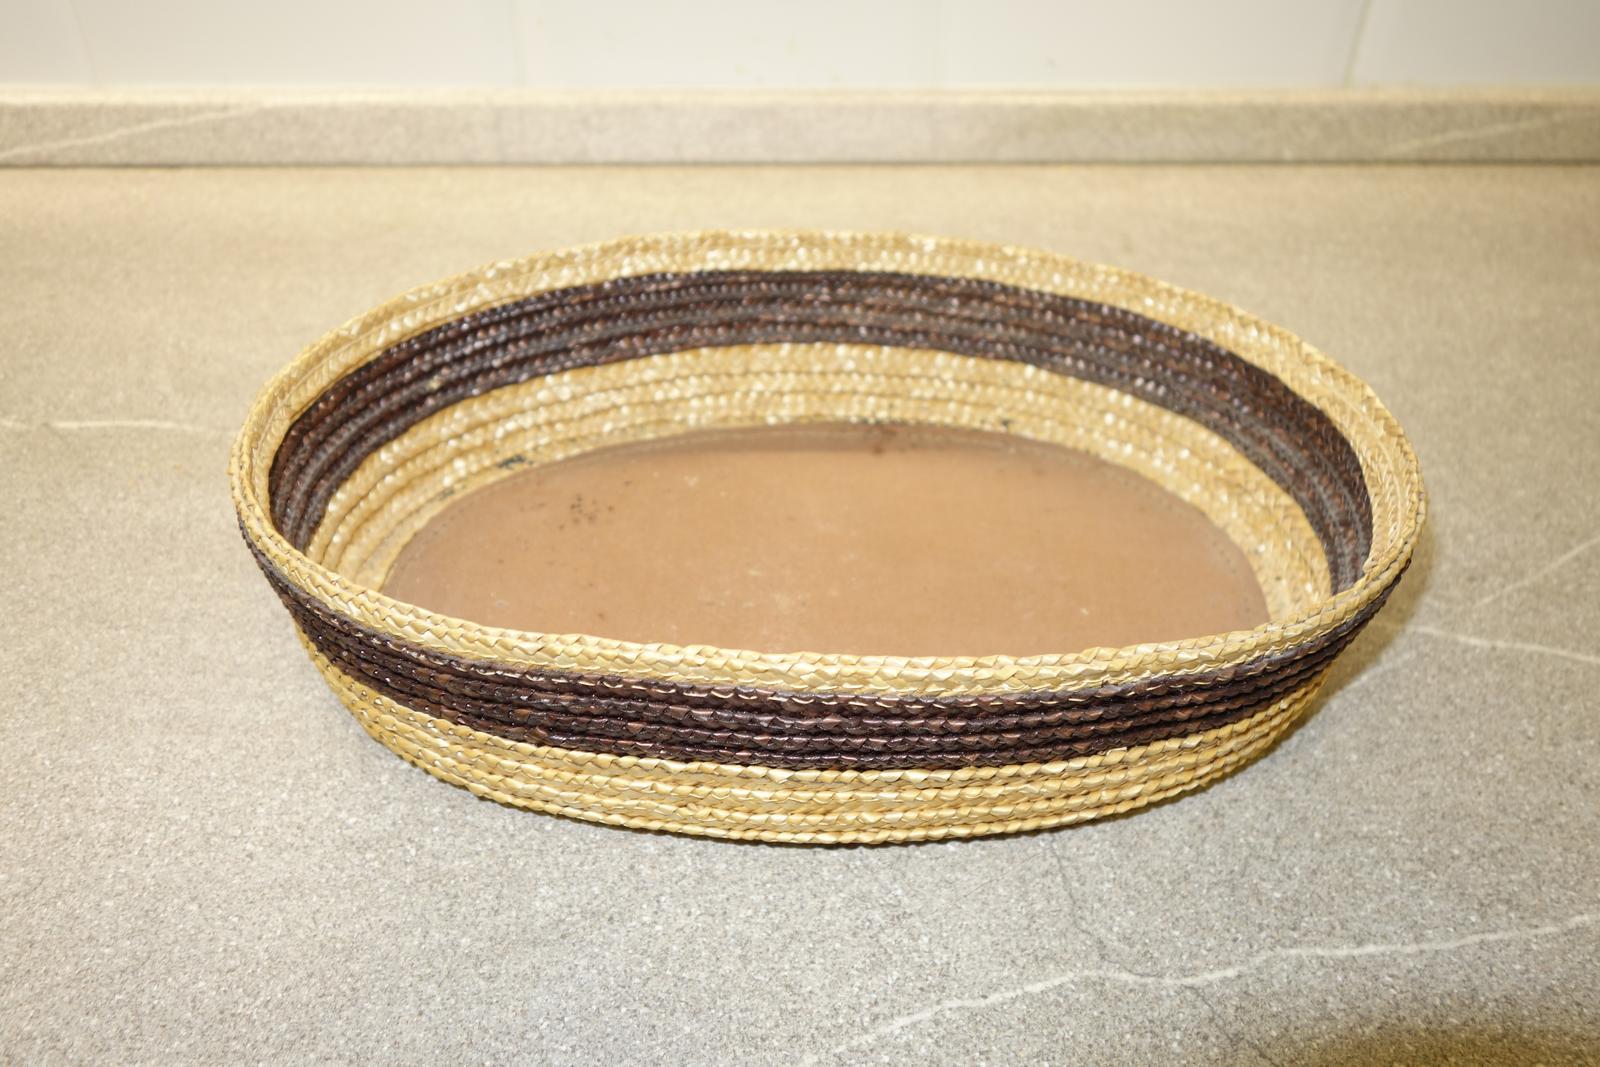 Prútený košík - miska na ovocie al. drobnosti - Obrázok č. 2